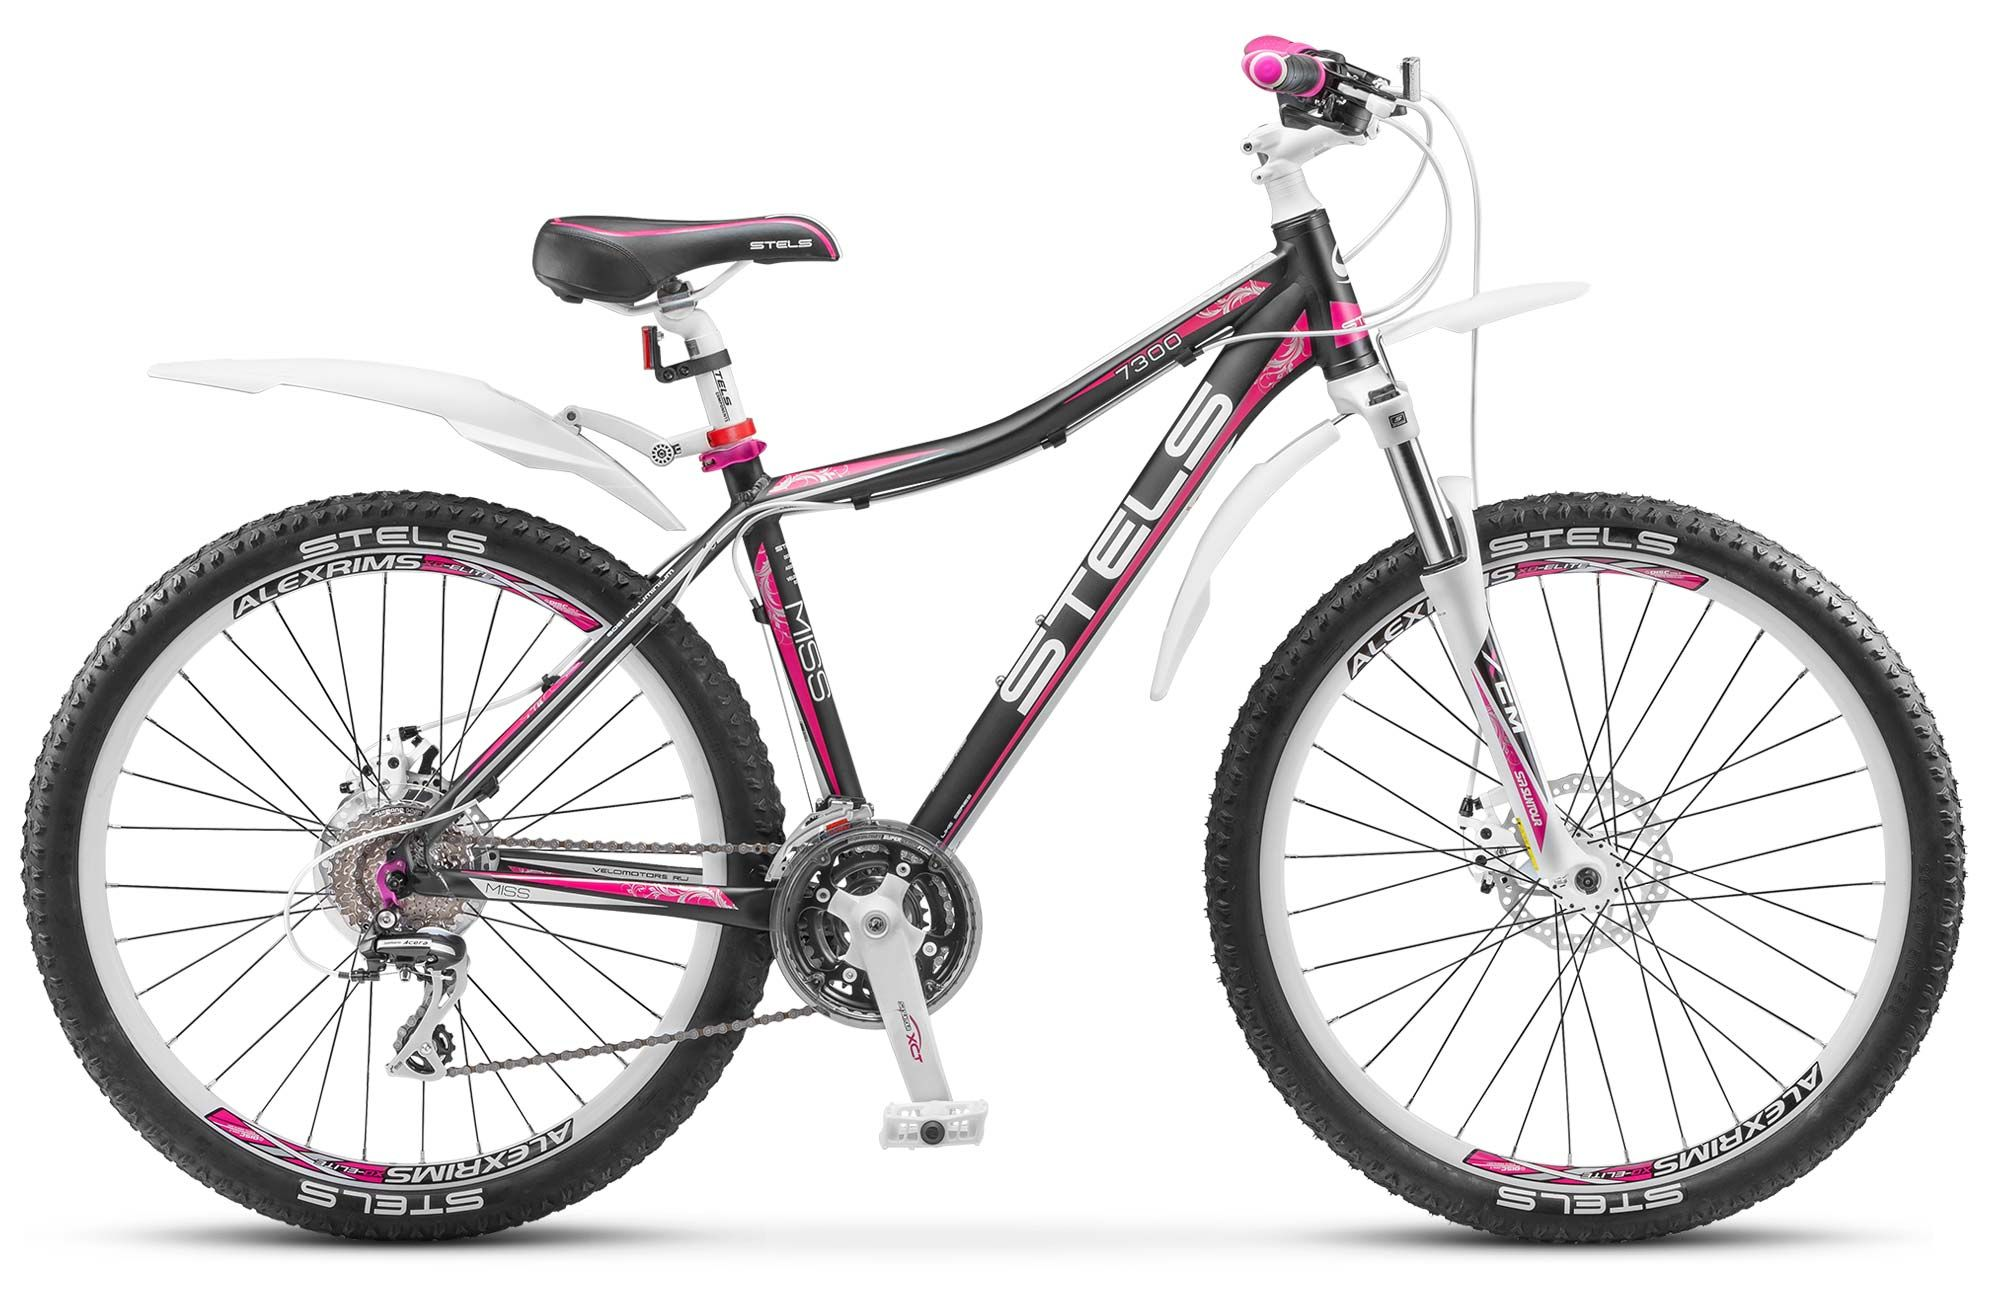 Велосипед StelsЖенские<br>Яркий велосипед для активных девушек Stels Miss 7300 MD отлично подойдет любительницам фитнеса и здорового образа жизни. Благодаря универсальной геометрии Stels Miss 7300 MD подойдет для катания как по городу, так и за его пределами. Трансмиссия, установленная на байк, относится к категории высокого любительского и представлена компанией Shimano. За амортизацию отвечает вилка SR Suntour XCM. Торможение осуществляется дисковой механикой Tektro Aquila. Рама, изготовленная из легкого алюминиевого сплава, имеет стильный дизайн, малый вес и высокую прочность.<br><br>year: 2016<br>цвет: розовый<br>пол: женский<br>тип рамы: хардтейл<br>уровень оборудования: любительский<br>длина хода вилки: от 100 до 150 мм<br>тип заднего амортизатора: без амортизатора<br>блокировка амортизатора: нет<br>рулевая колонка: Feimin, сталь<br>передний тормоз: Tektro Aquila, дисковый механический ротор 160 мм<br>задний тормоз: Tektro Aquila, дисковый механический ротор 160 мм<br>система: SR Suntour, сталь, 22/32/42T<br>каретка: Feimin, картридж<br>педали: Пластик<br>ободья: Алюминиевые двойные<br>передняя втулка: KT, алюминий<br>задняя втулка: KT, алюминий<br>передняя покрышка: Chao Yang, 26 x 2.0<br>задняя покрышка: Chao Yang, 26 x 2.0<br>седло: Cionlli<br>кассета: Shimano Altus, CS-HG41<br>манетки: Shimano Alivio, SL-M360<br>крылья: Пластик<br>рама: Алюминий<br>вилка: SR Suntour XCM, ход 100 мм<br>размер рамы: 17&amp;amp;quot;<br>Серия: None<br>материал рамы: алюминий<br>тип тормозов: дисковый механический<br>диаметр колеса: 26<br>тип амортизированной вилки: пружинная<br>передний переключатель: Shimano Altus, FD-M190<br>задний переключатель: Shimano Acera, RD-M360<br>количество скоростей: 24